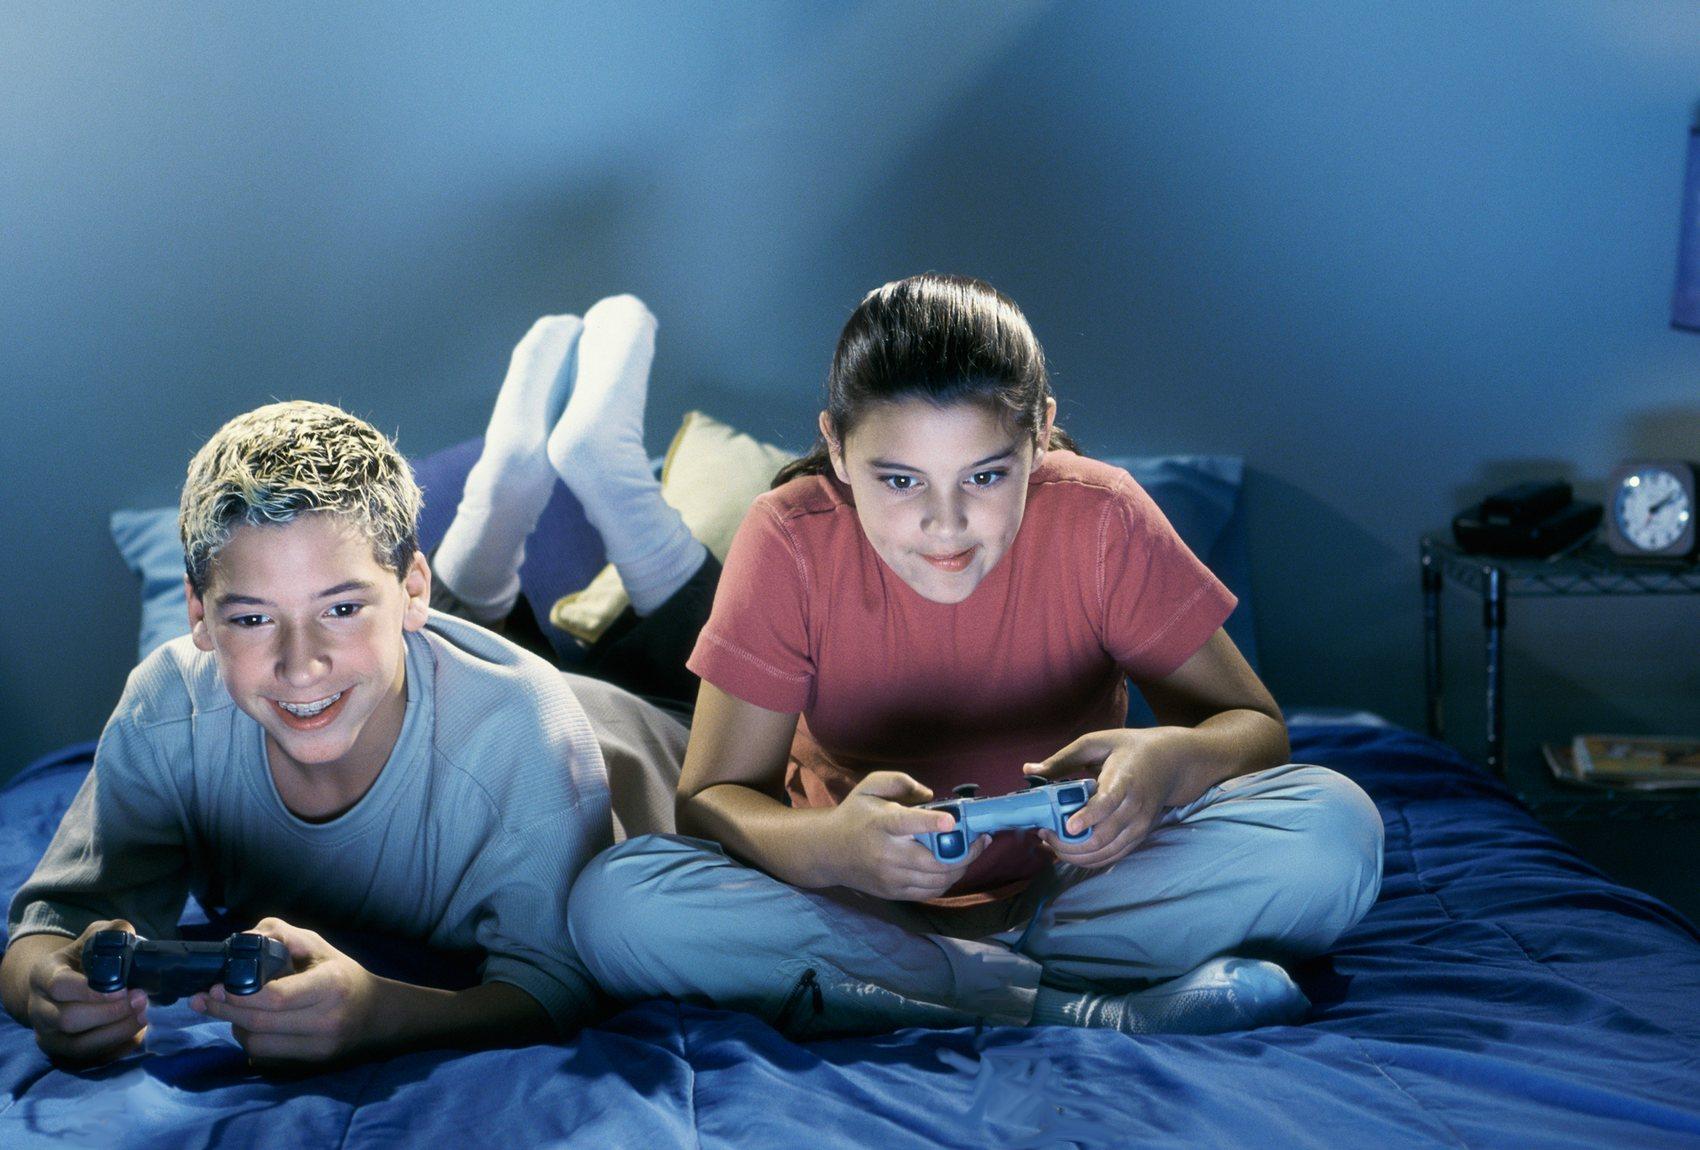 Los Mejores Juegos De Ps4 Para Ninos Hobbyconsolas Juegos